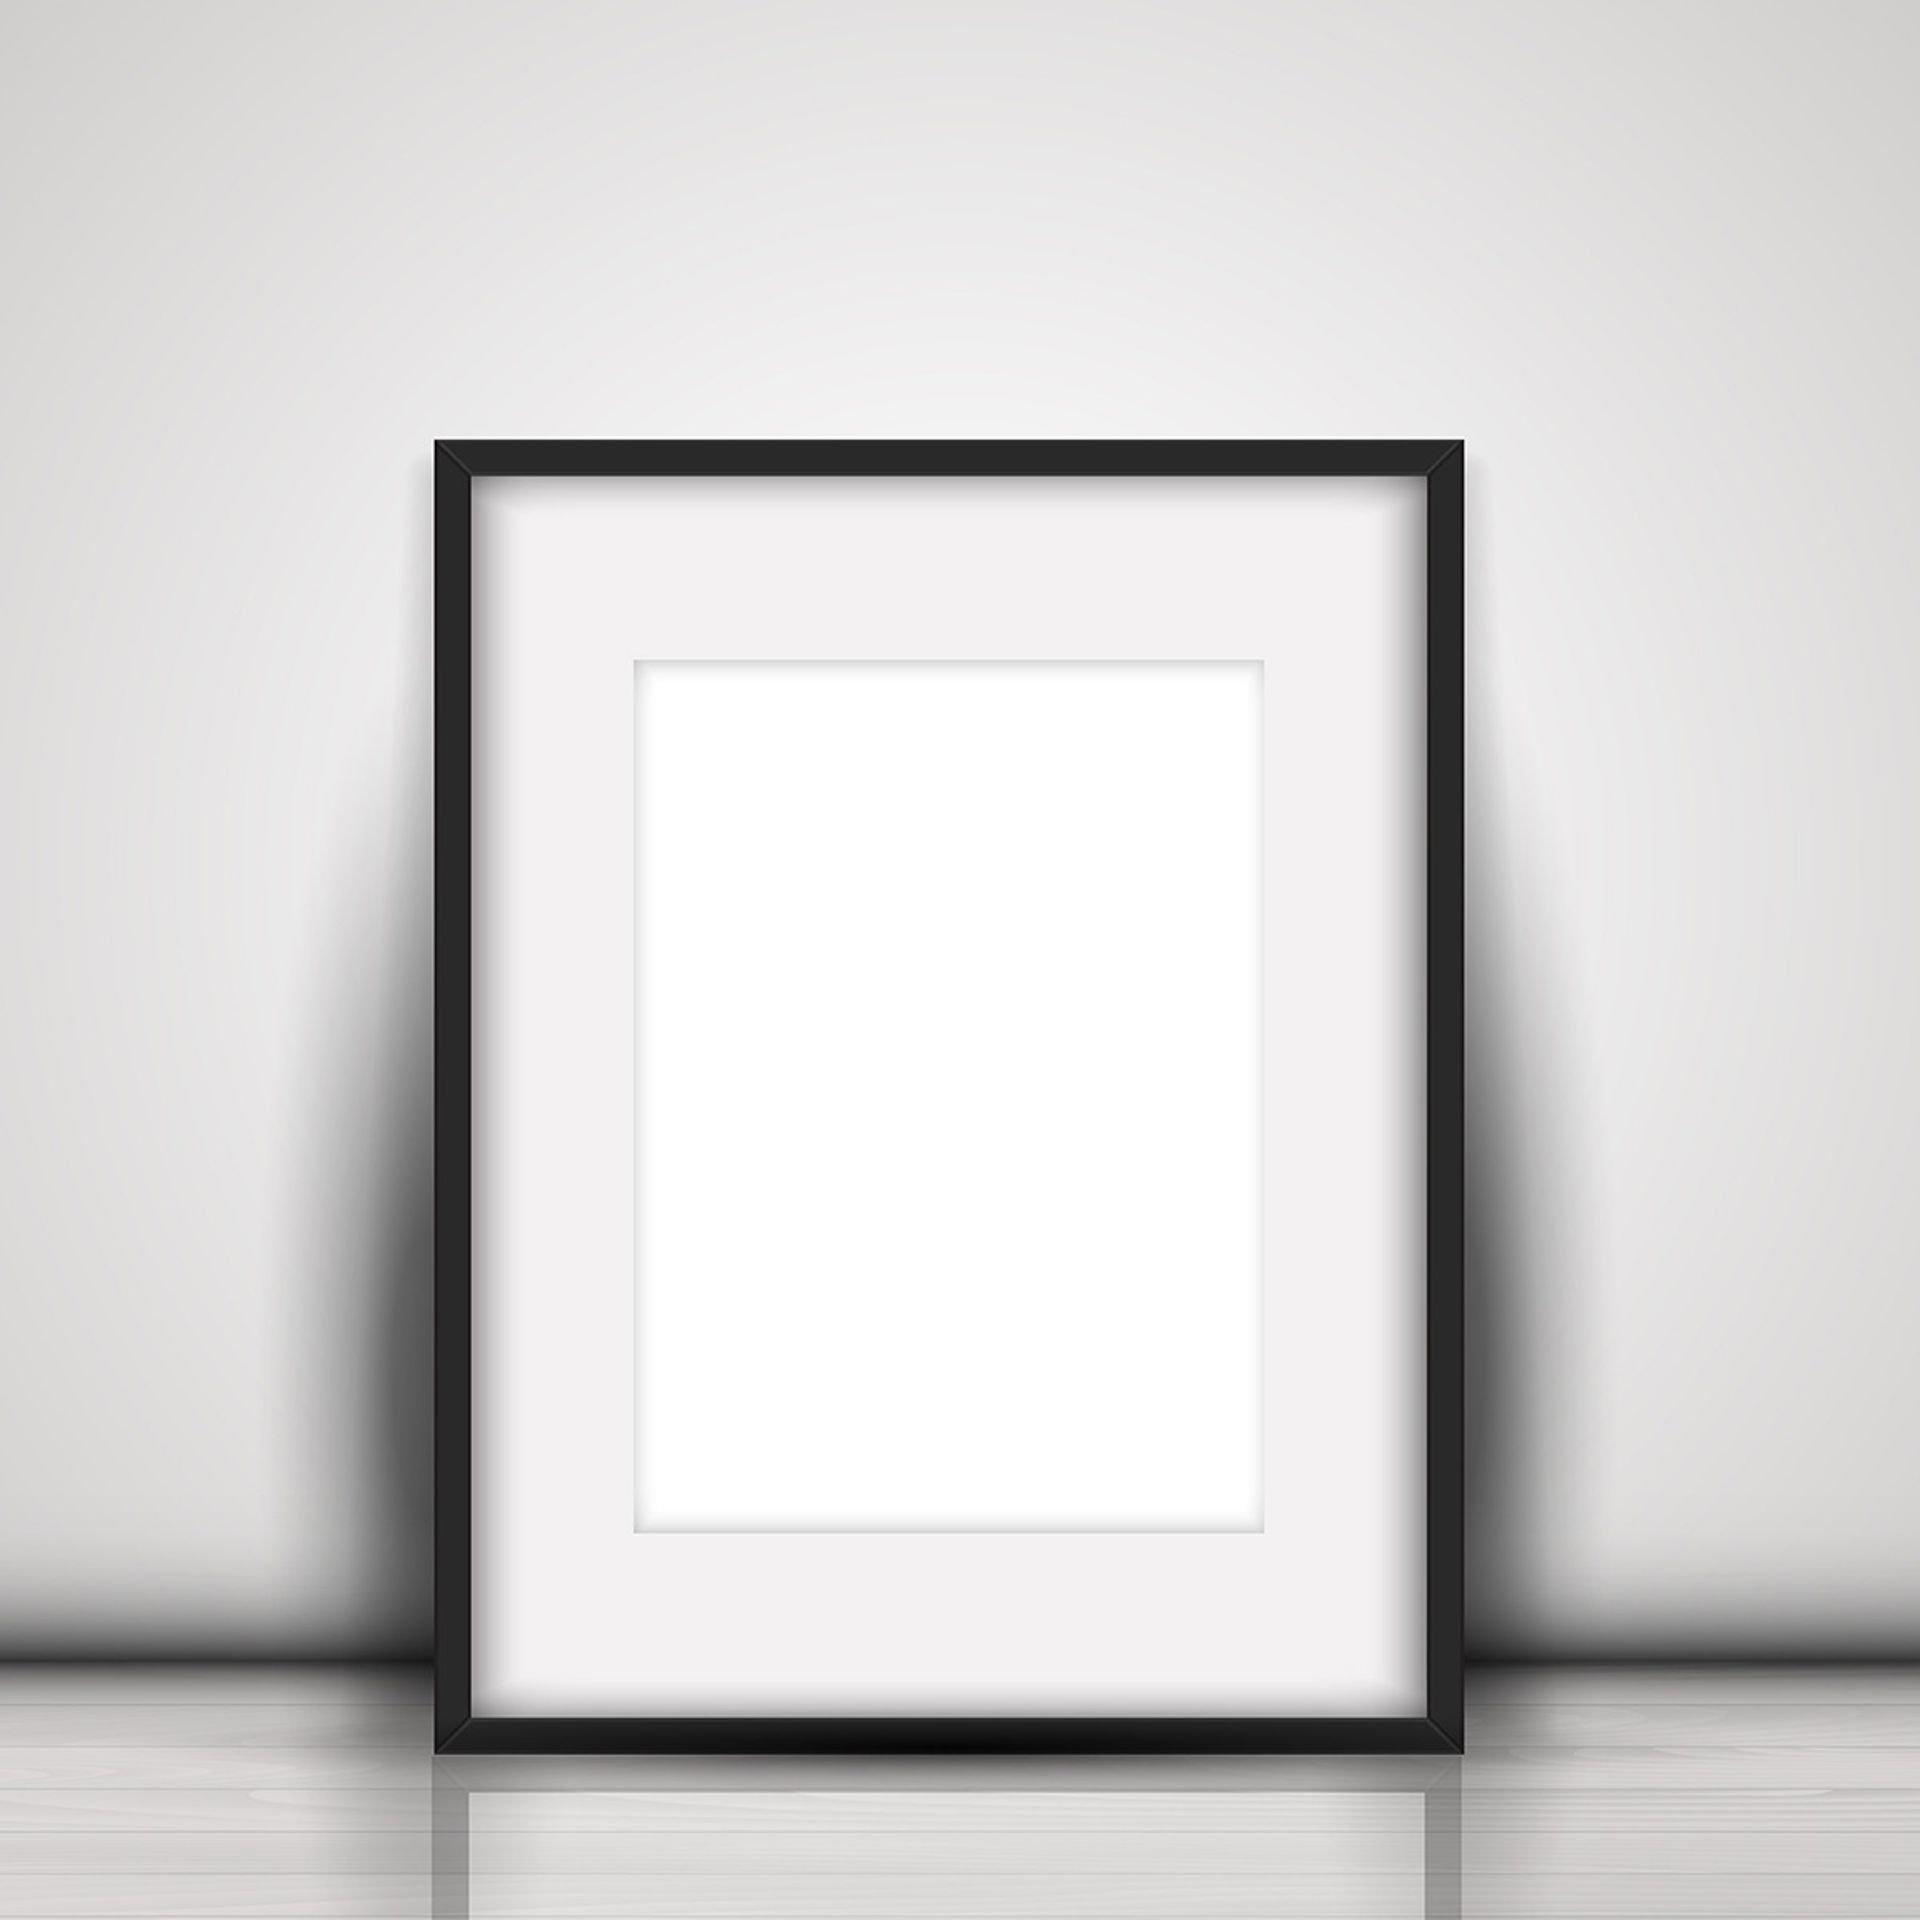 =מסגרת תמונה איכותית דגם FR9247, כולל הדפסת תמונה.